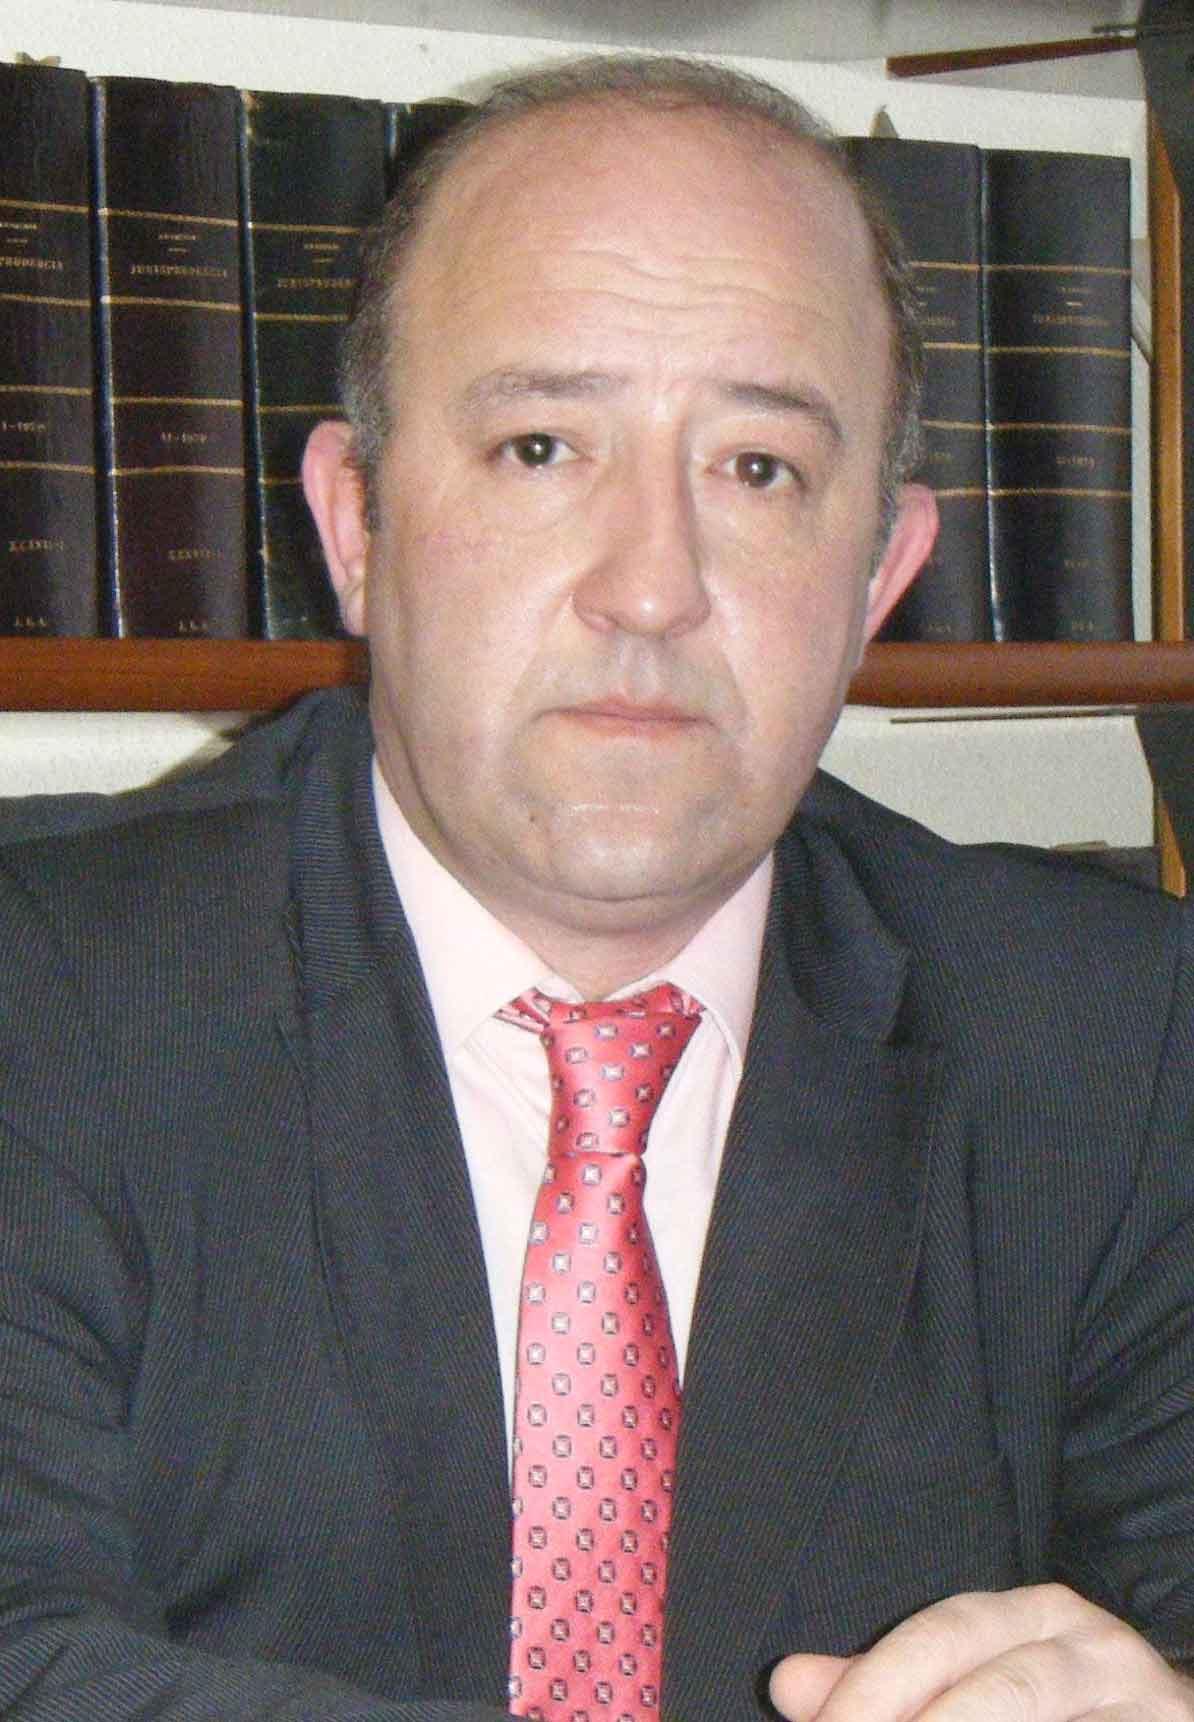 JOSÉ MANUEL BLASCO VEGA